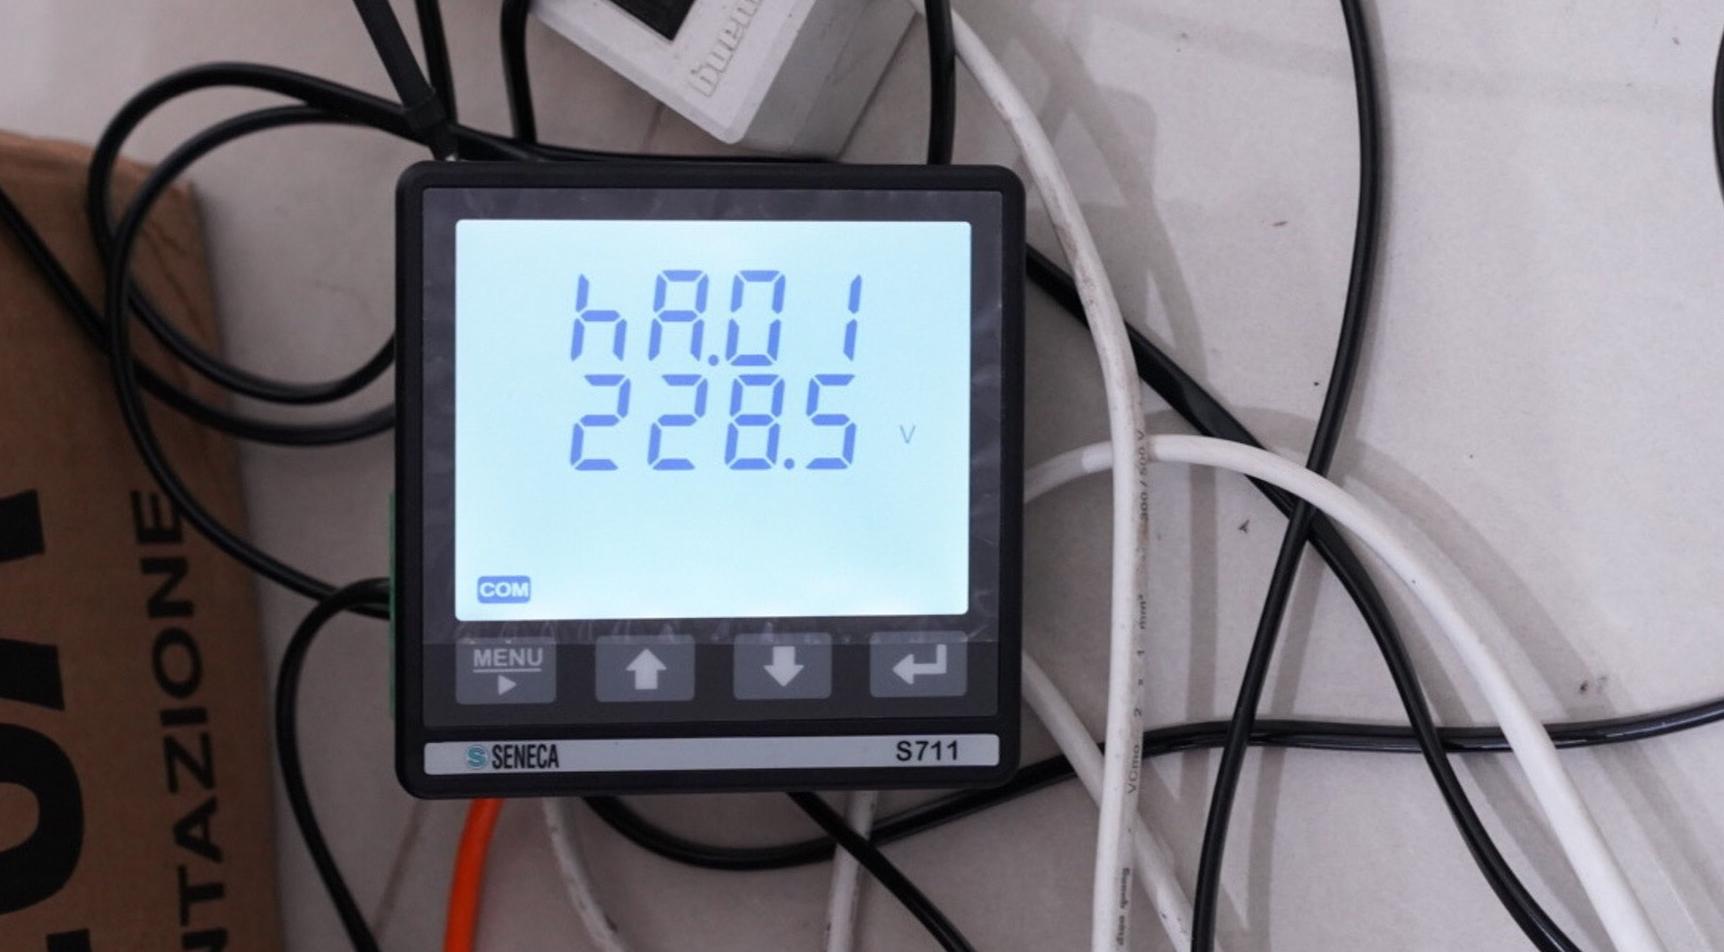 S711 hiển thị điện áp